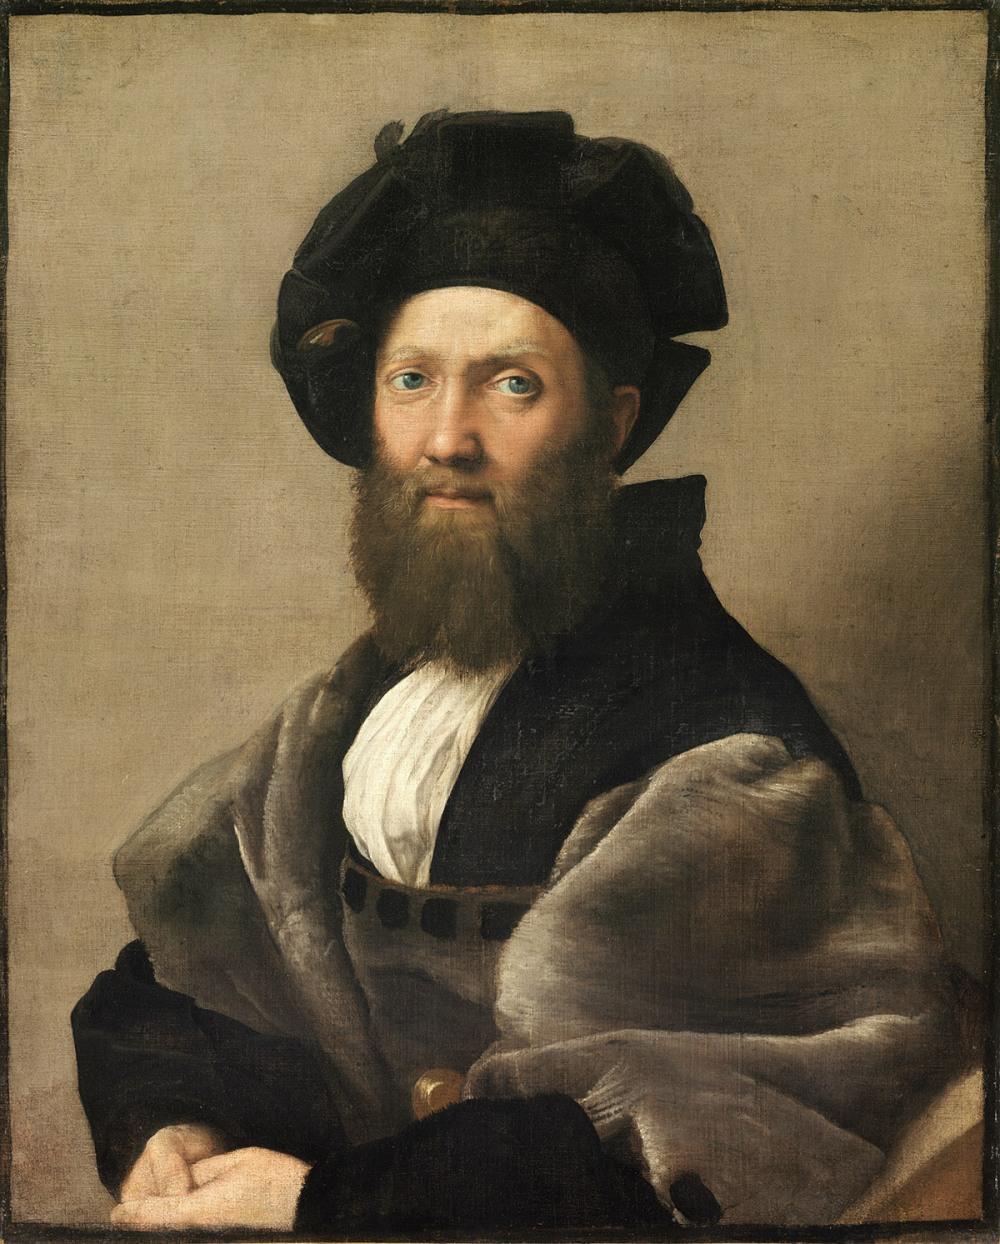 Rafael Sanzio. Batasar de Castiglione. 1514-1515. Museo del Louvre.